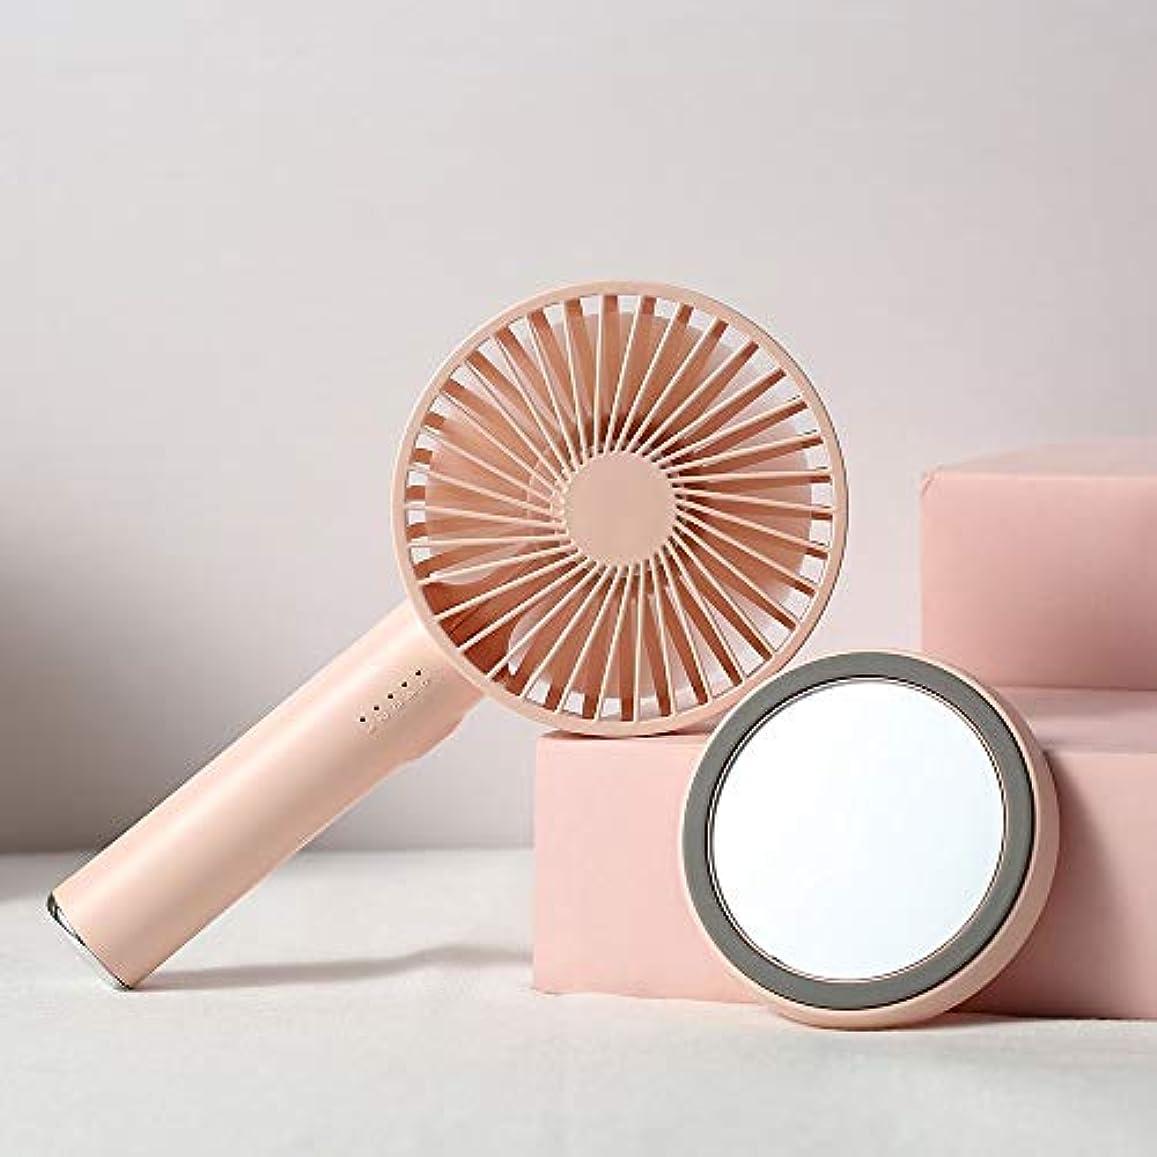 ページェント関税放棄する流行の クリエイティブ新しいファンの化粧鏡の手持ち型の無声ファン5速調整ポータブル屋外の美しさのミラーミラー2つの黄色のモデルピンク (色 : Pink)